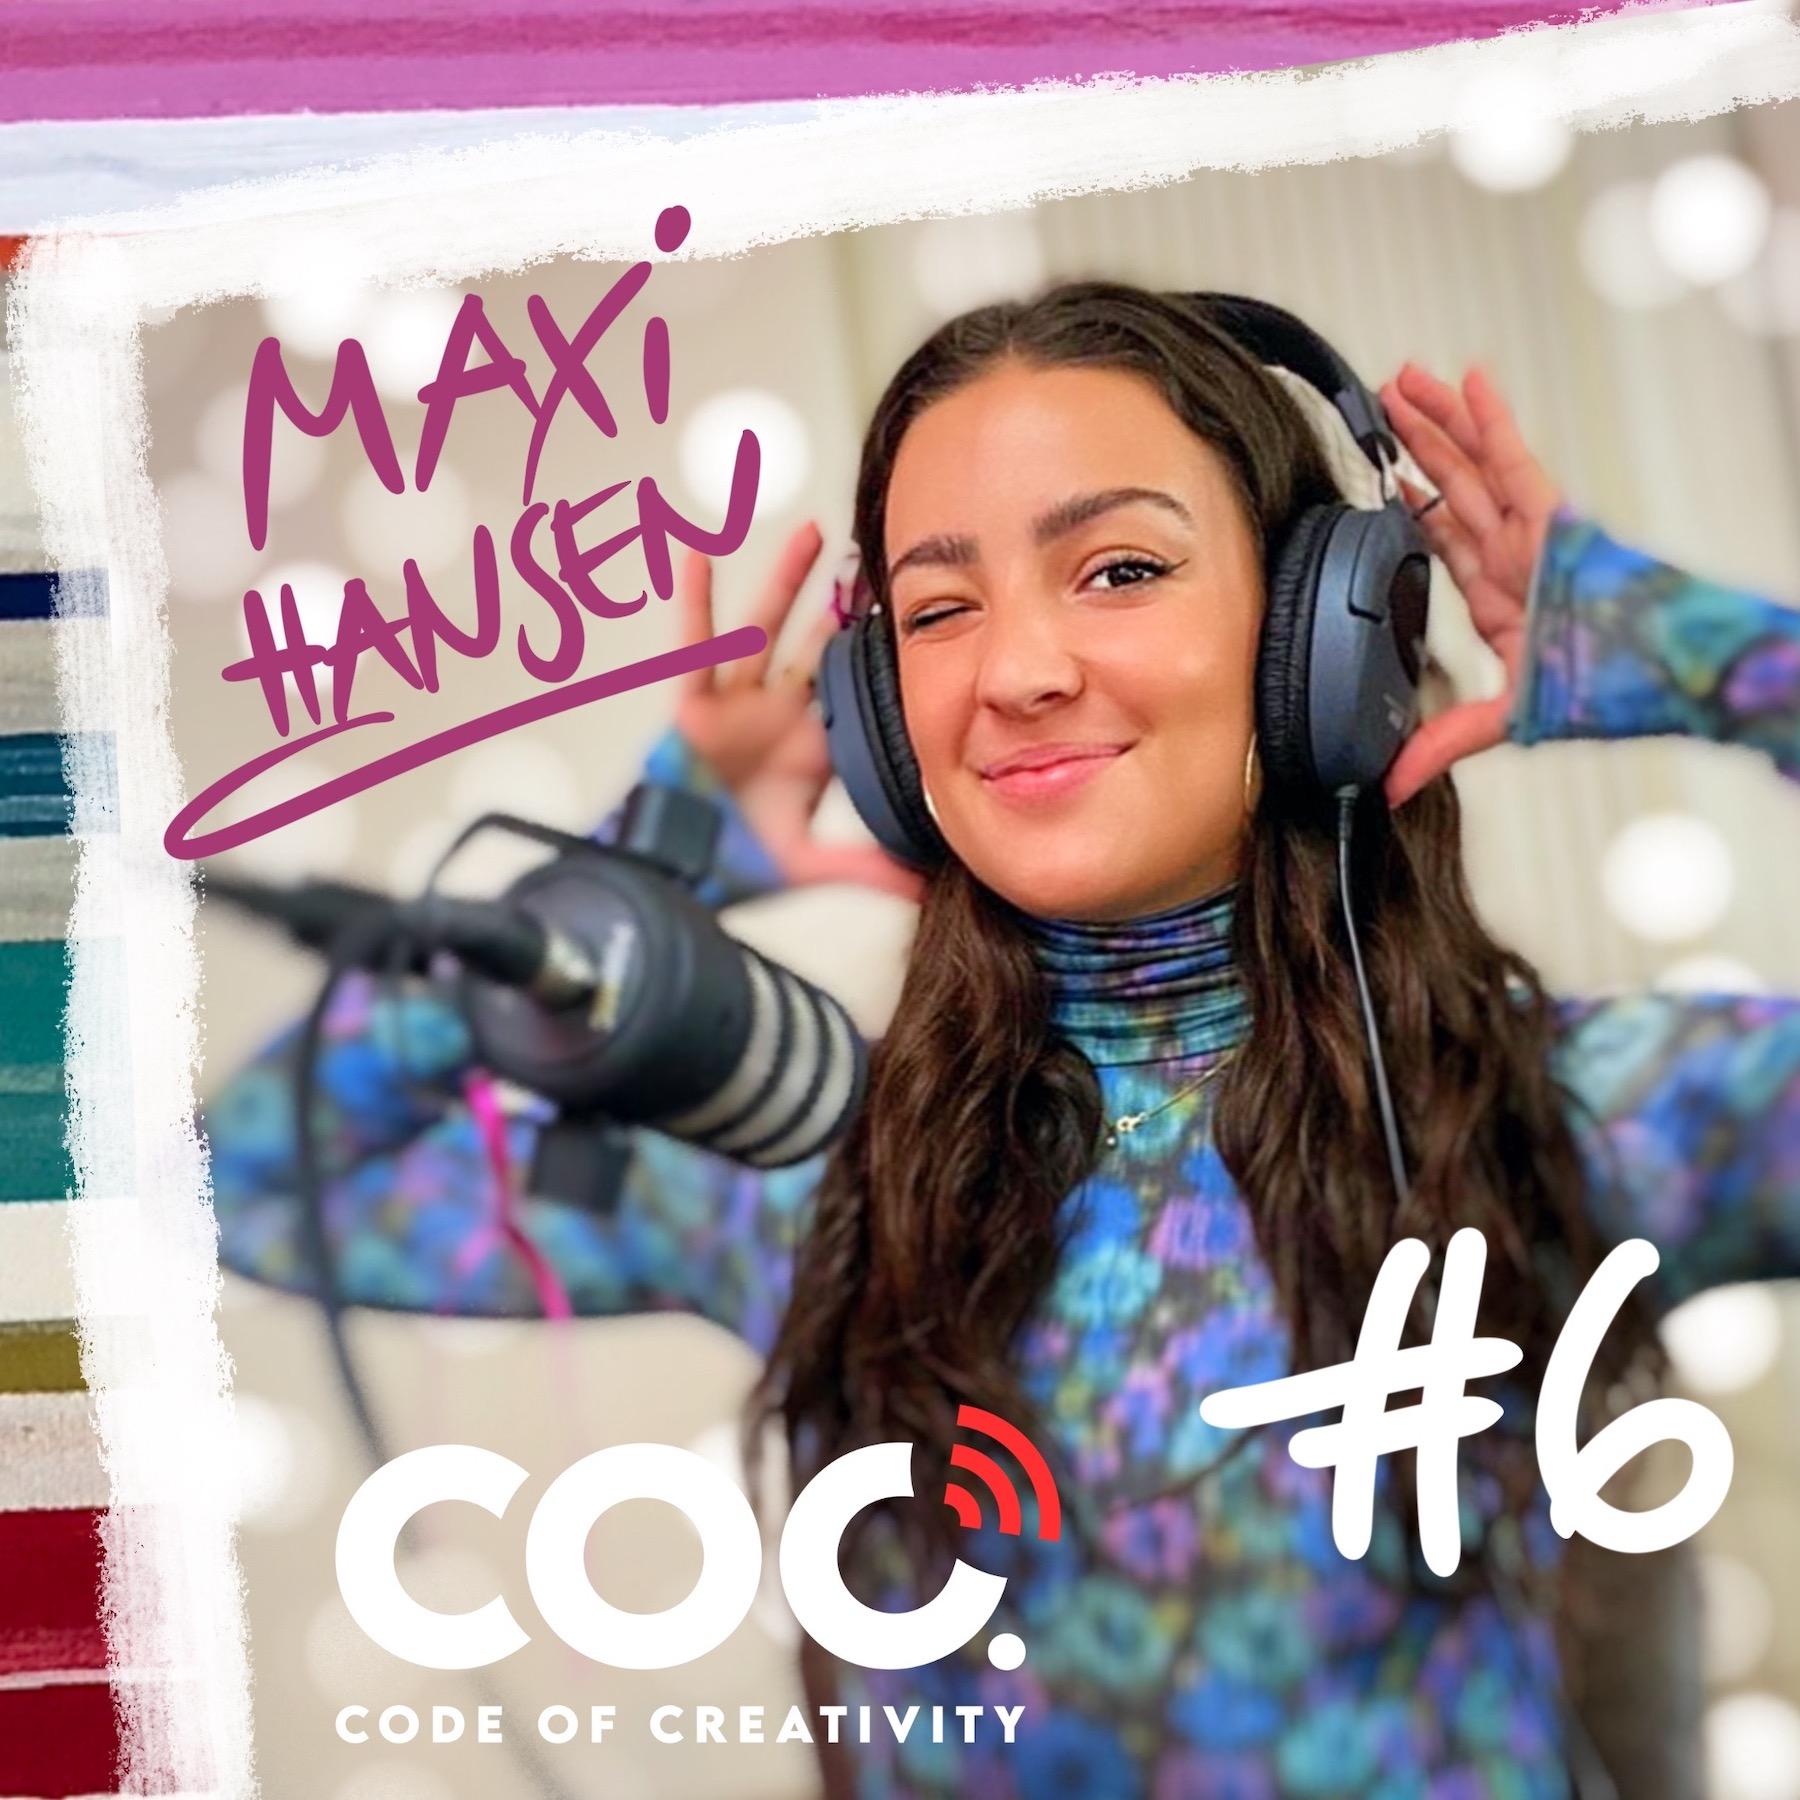 #6 Maximiliane Hansen - Digital Creator